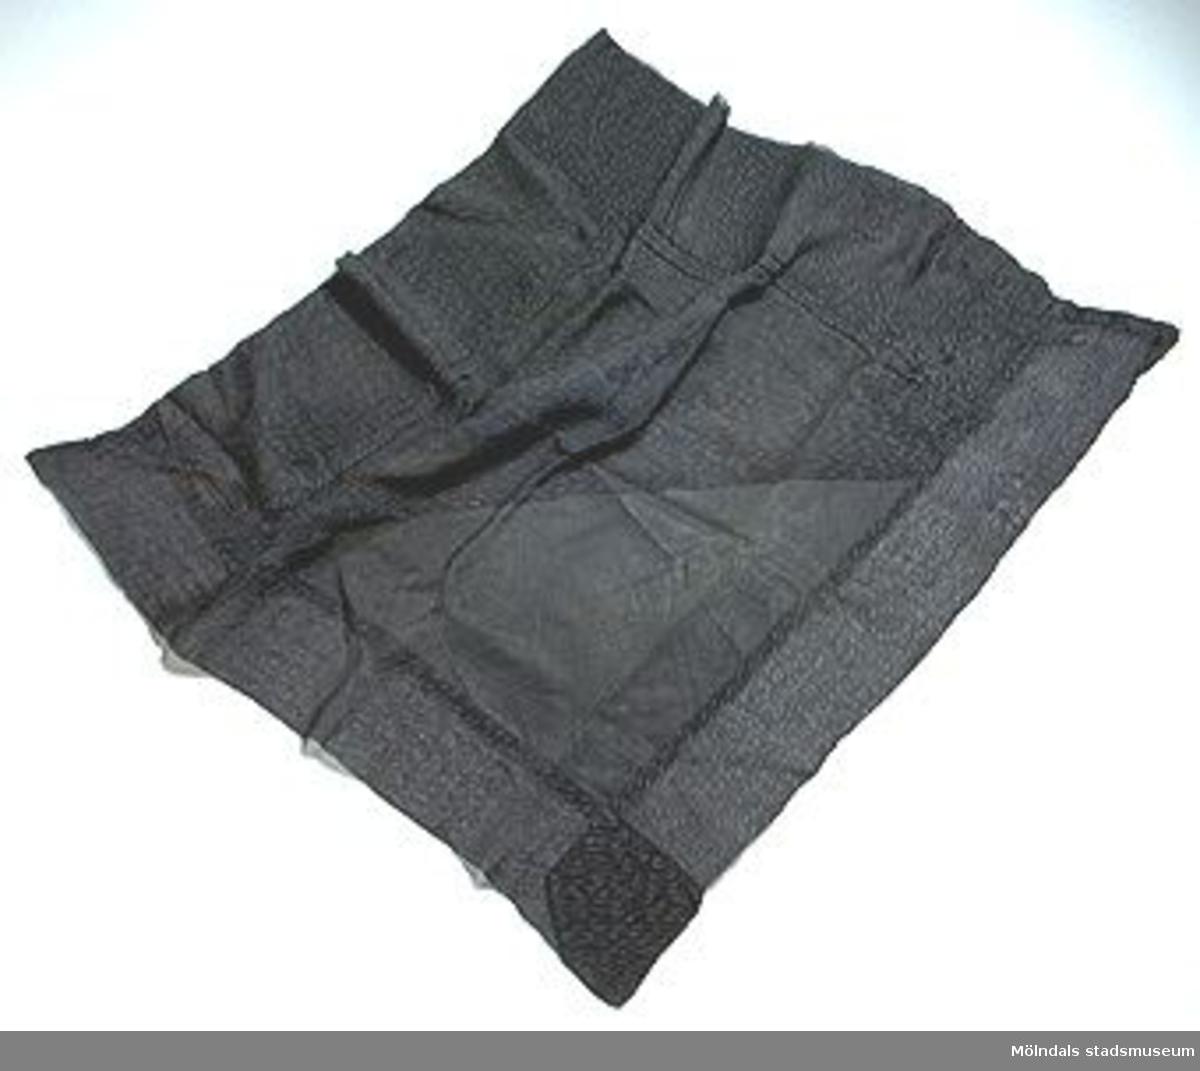 Svart, kvadratisk schal av tunt sidenfodrat plisserat tyg.Har troligen tillhört Clara Hasselberg (1863 - 1942). Därefter använd av dottern Karin Hasselberg (1903 - 1996).